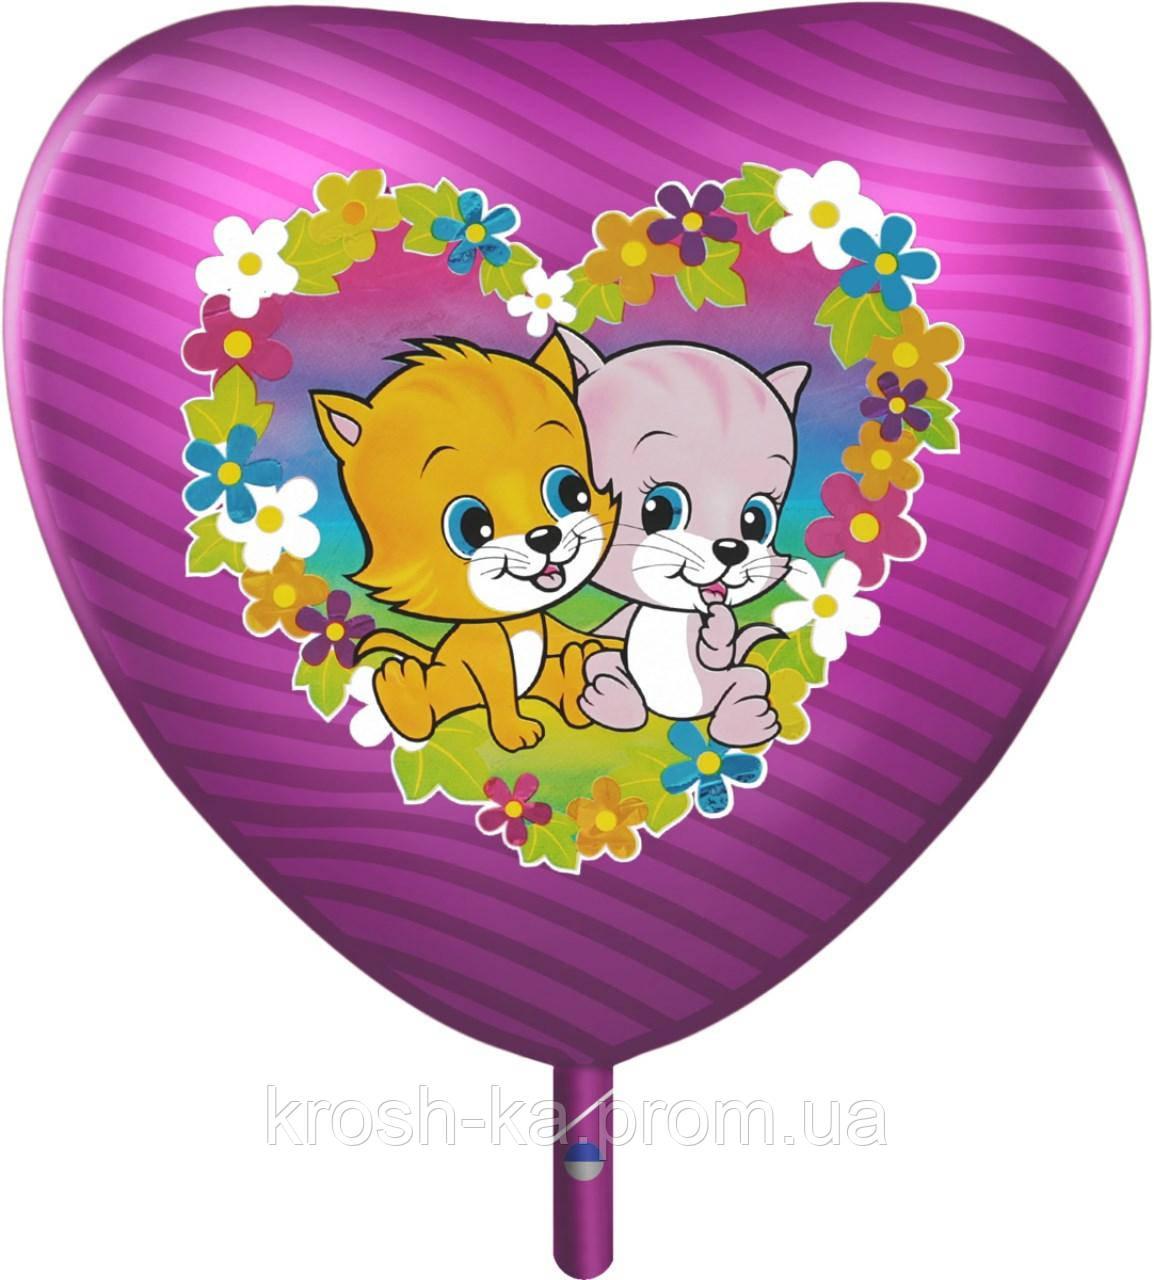 Фольгированное сердце Котята фиолетовое 50см Китай 1202-0443